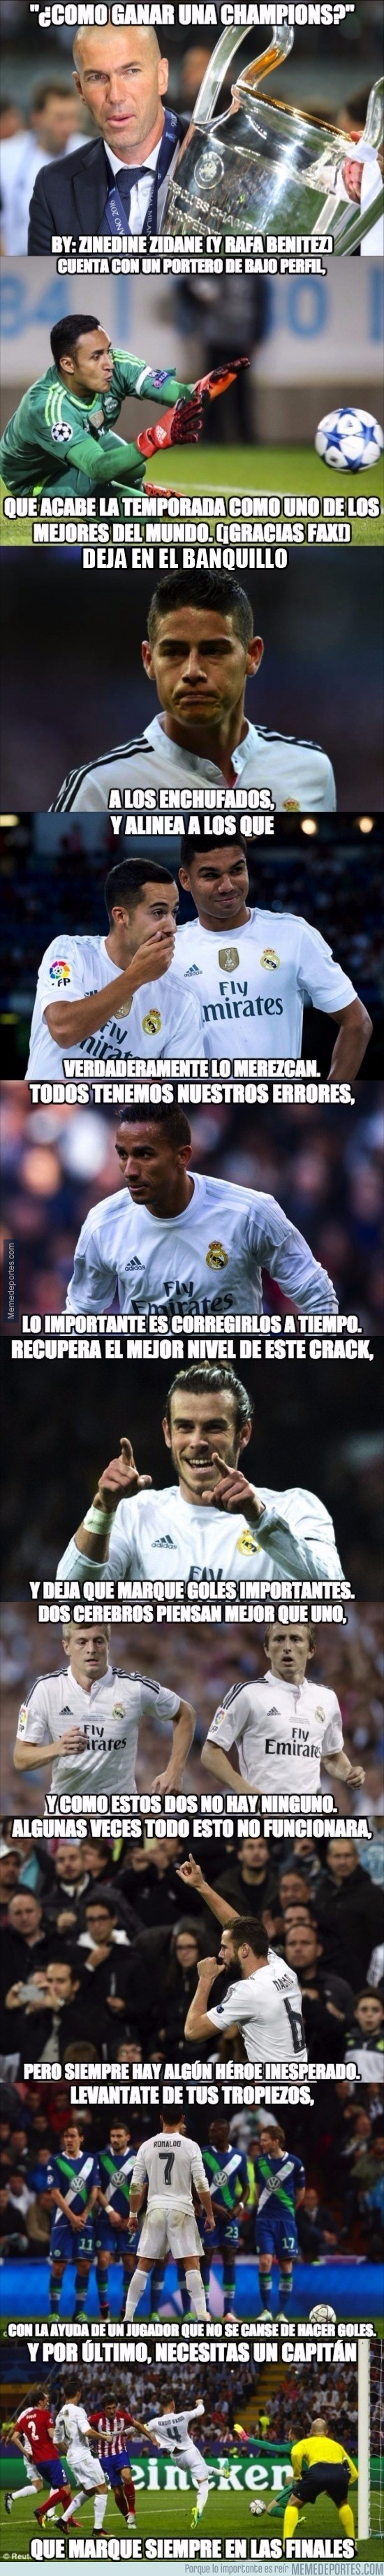 864606 - ¿Cómo ganar una Champions? Zidane te lo explica